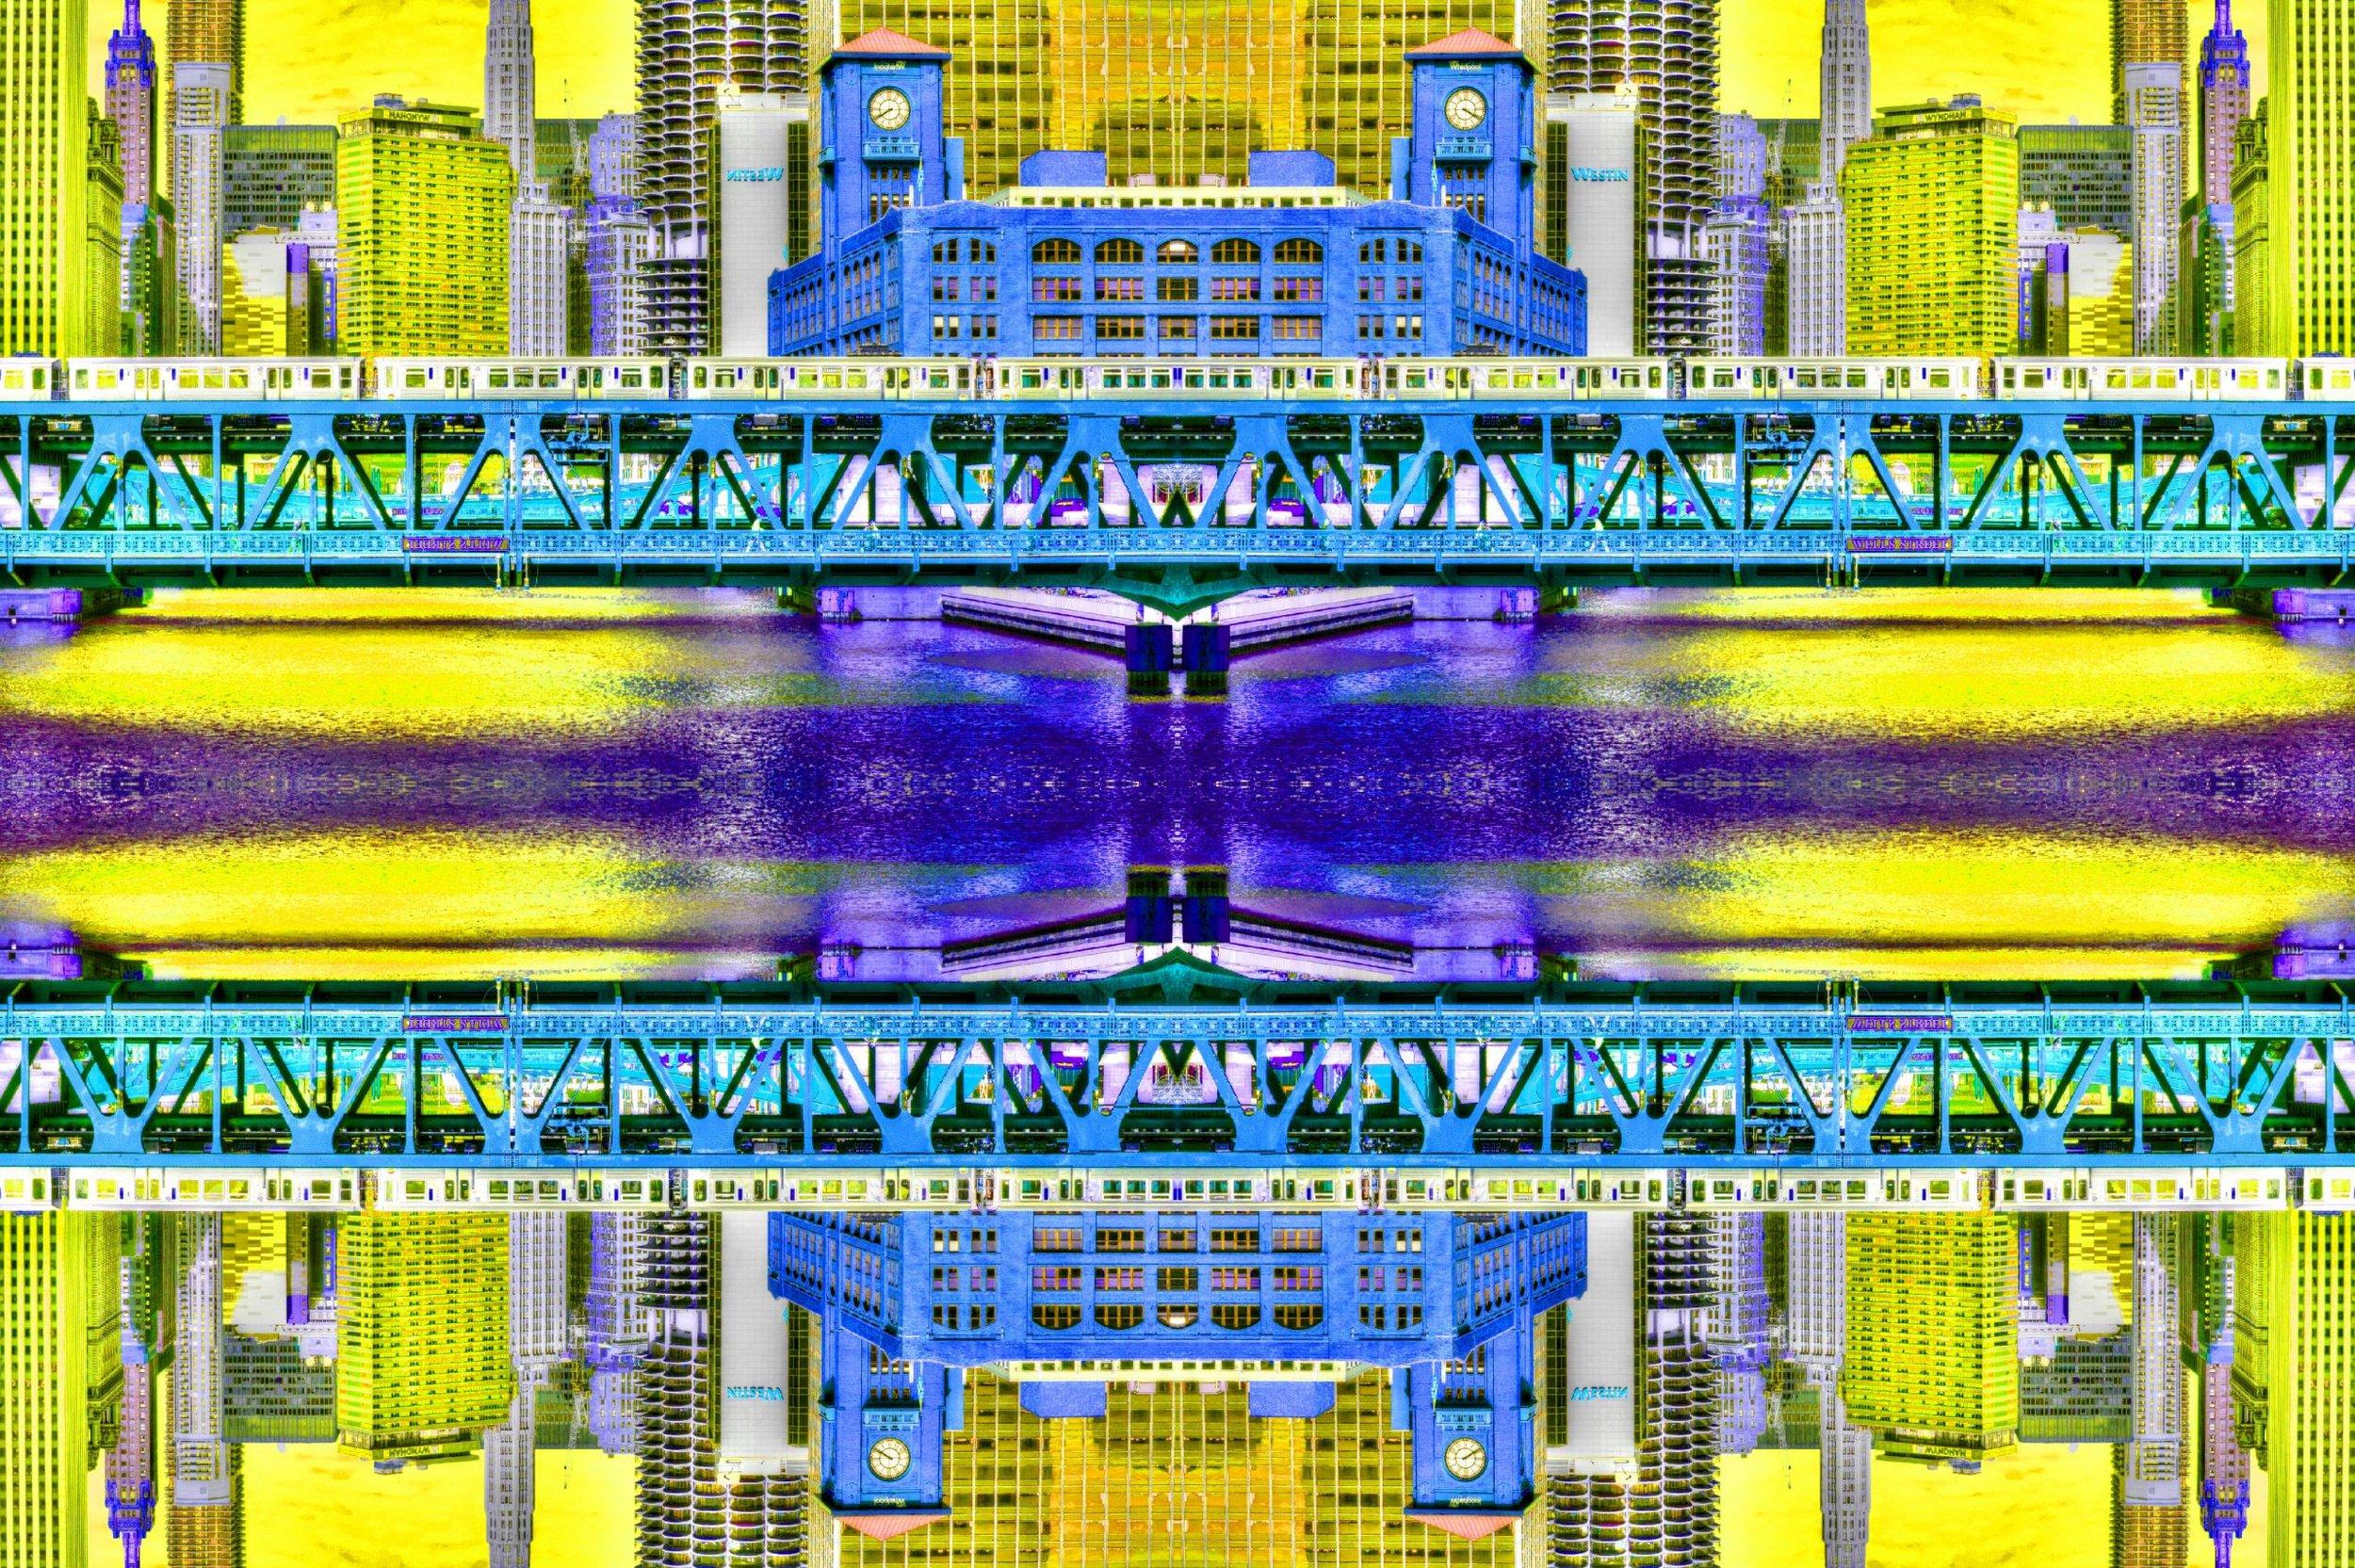 3345_mirror4.jpg